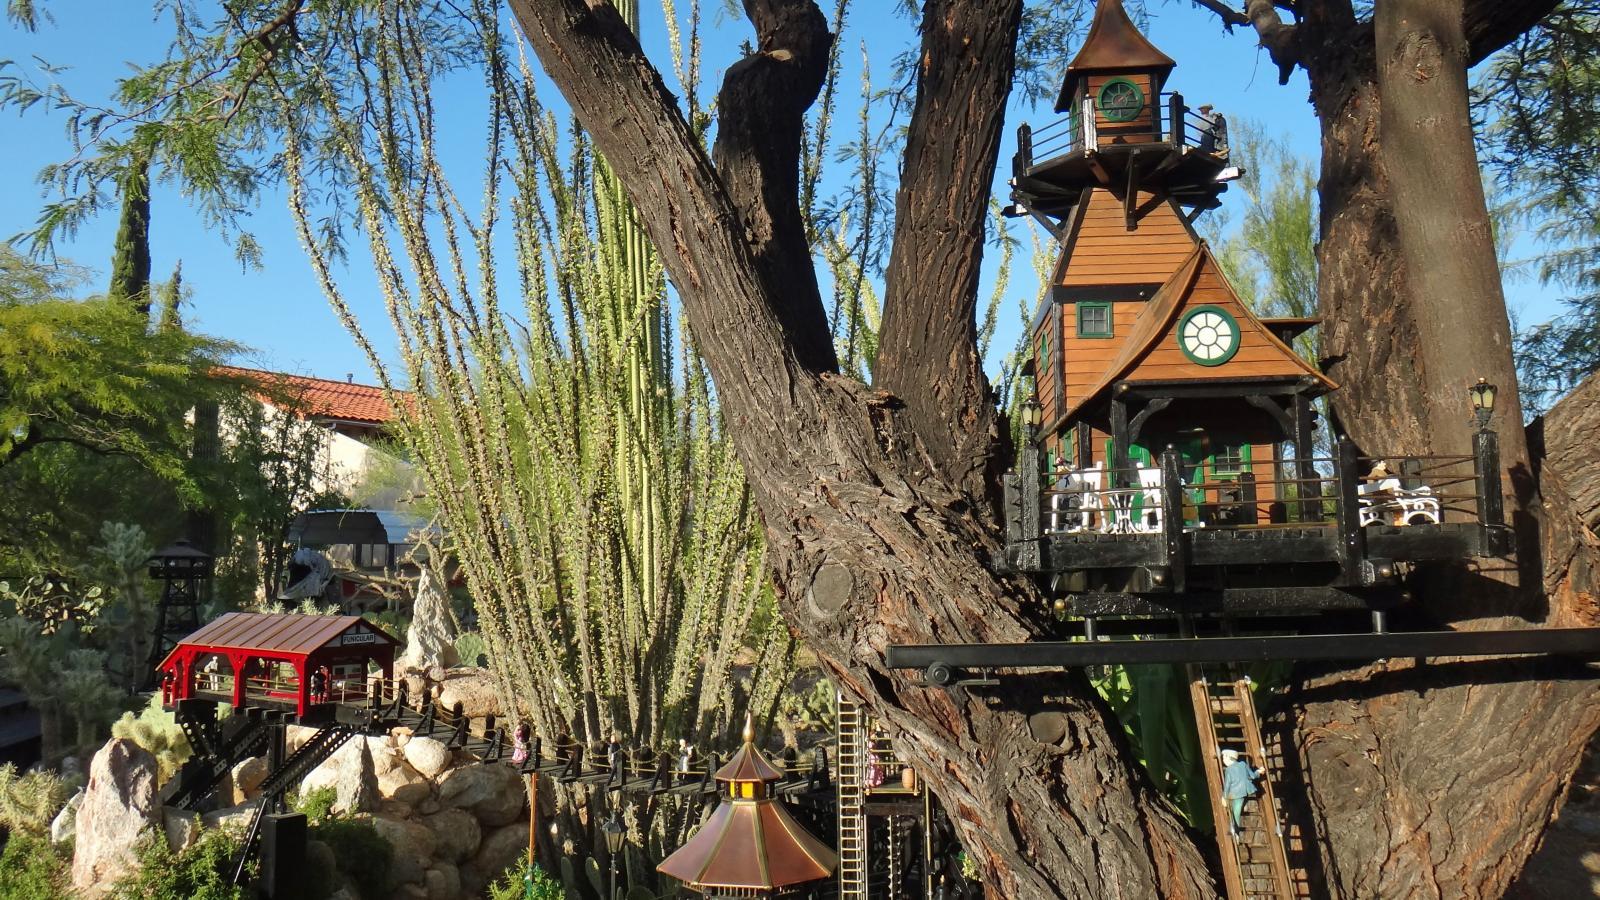 Garden Railway Treehouse Remodeled-49.JPG